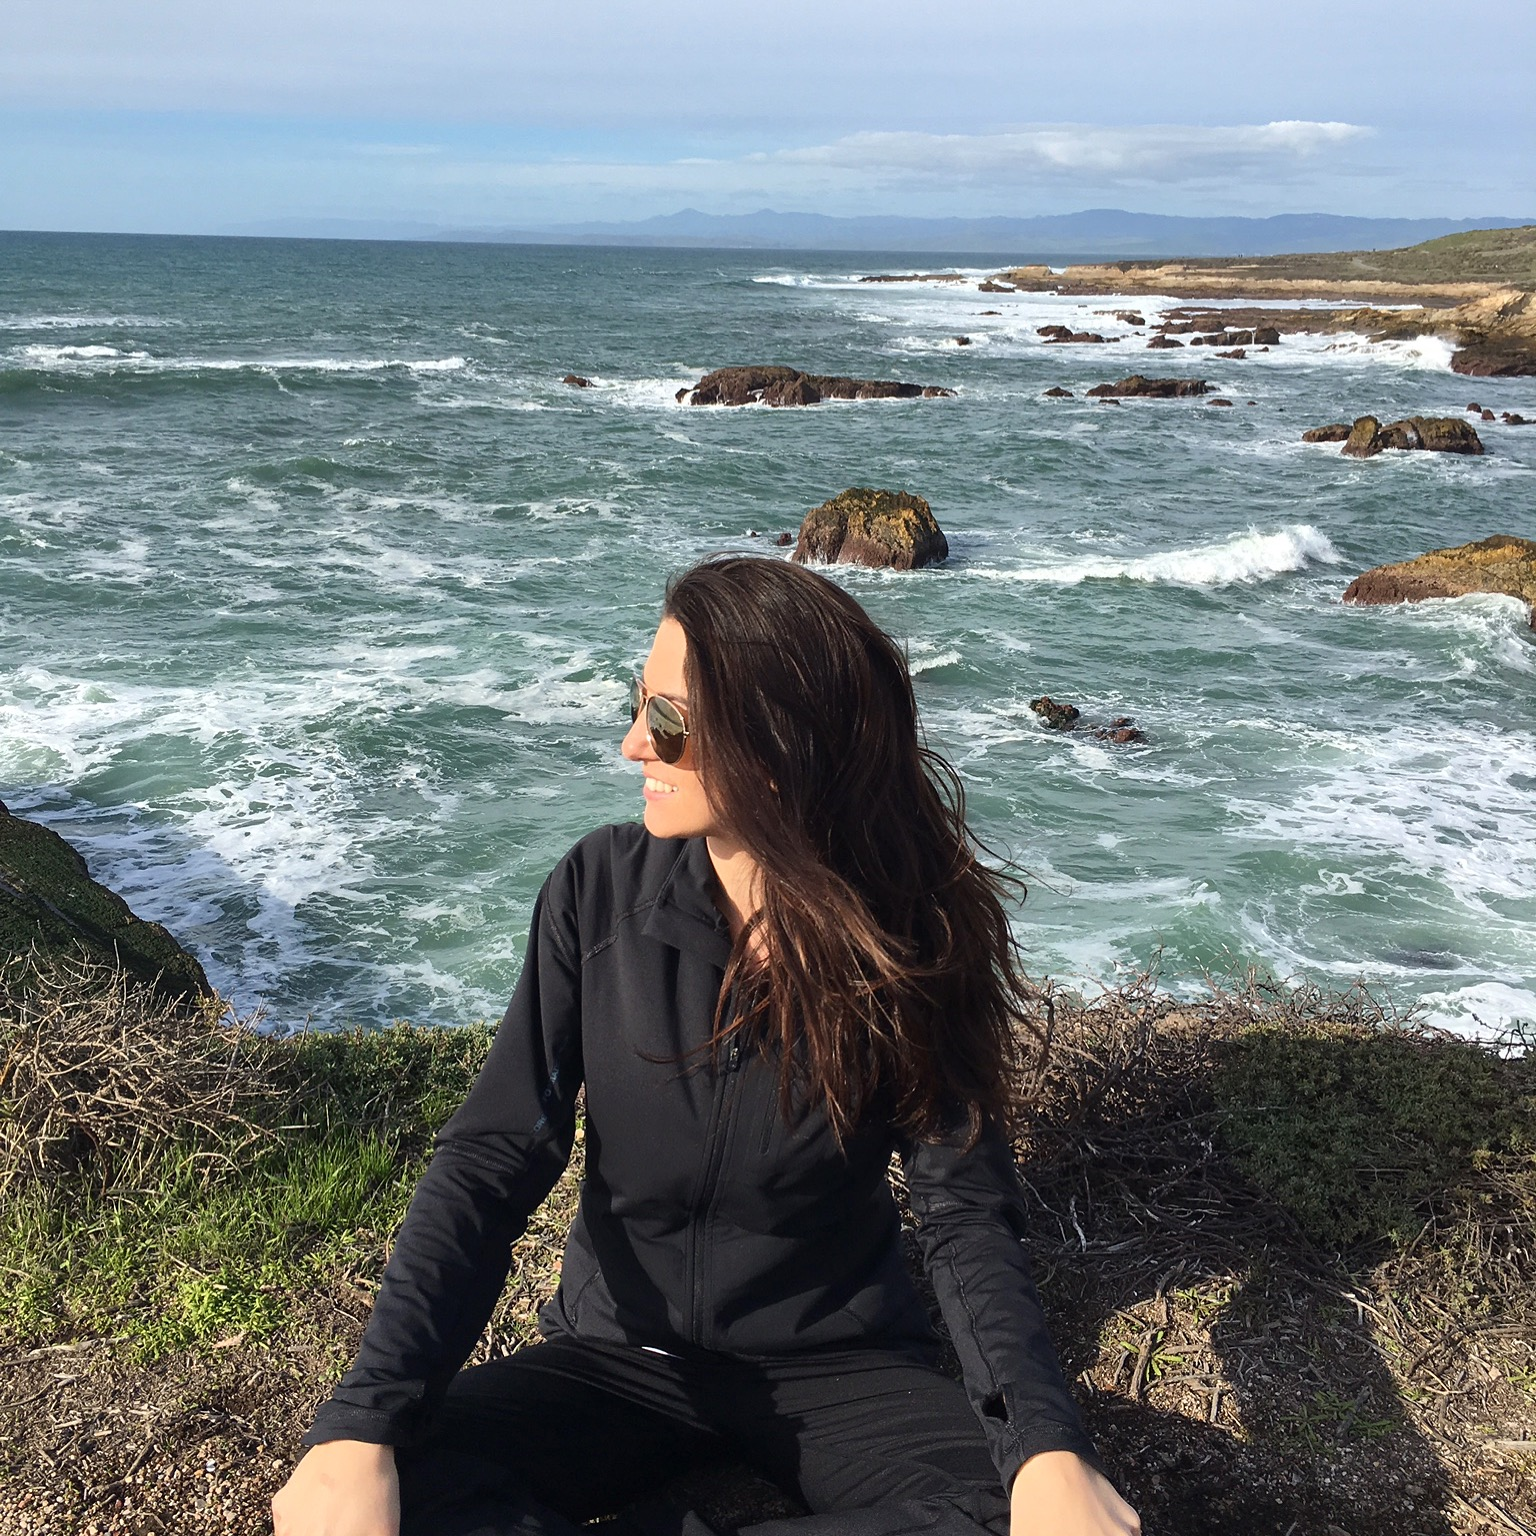 Avrah Baum : Communications Associate